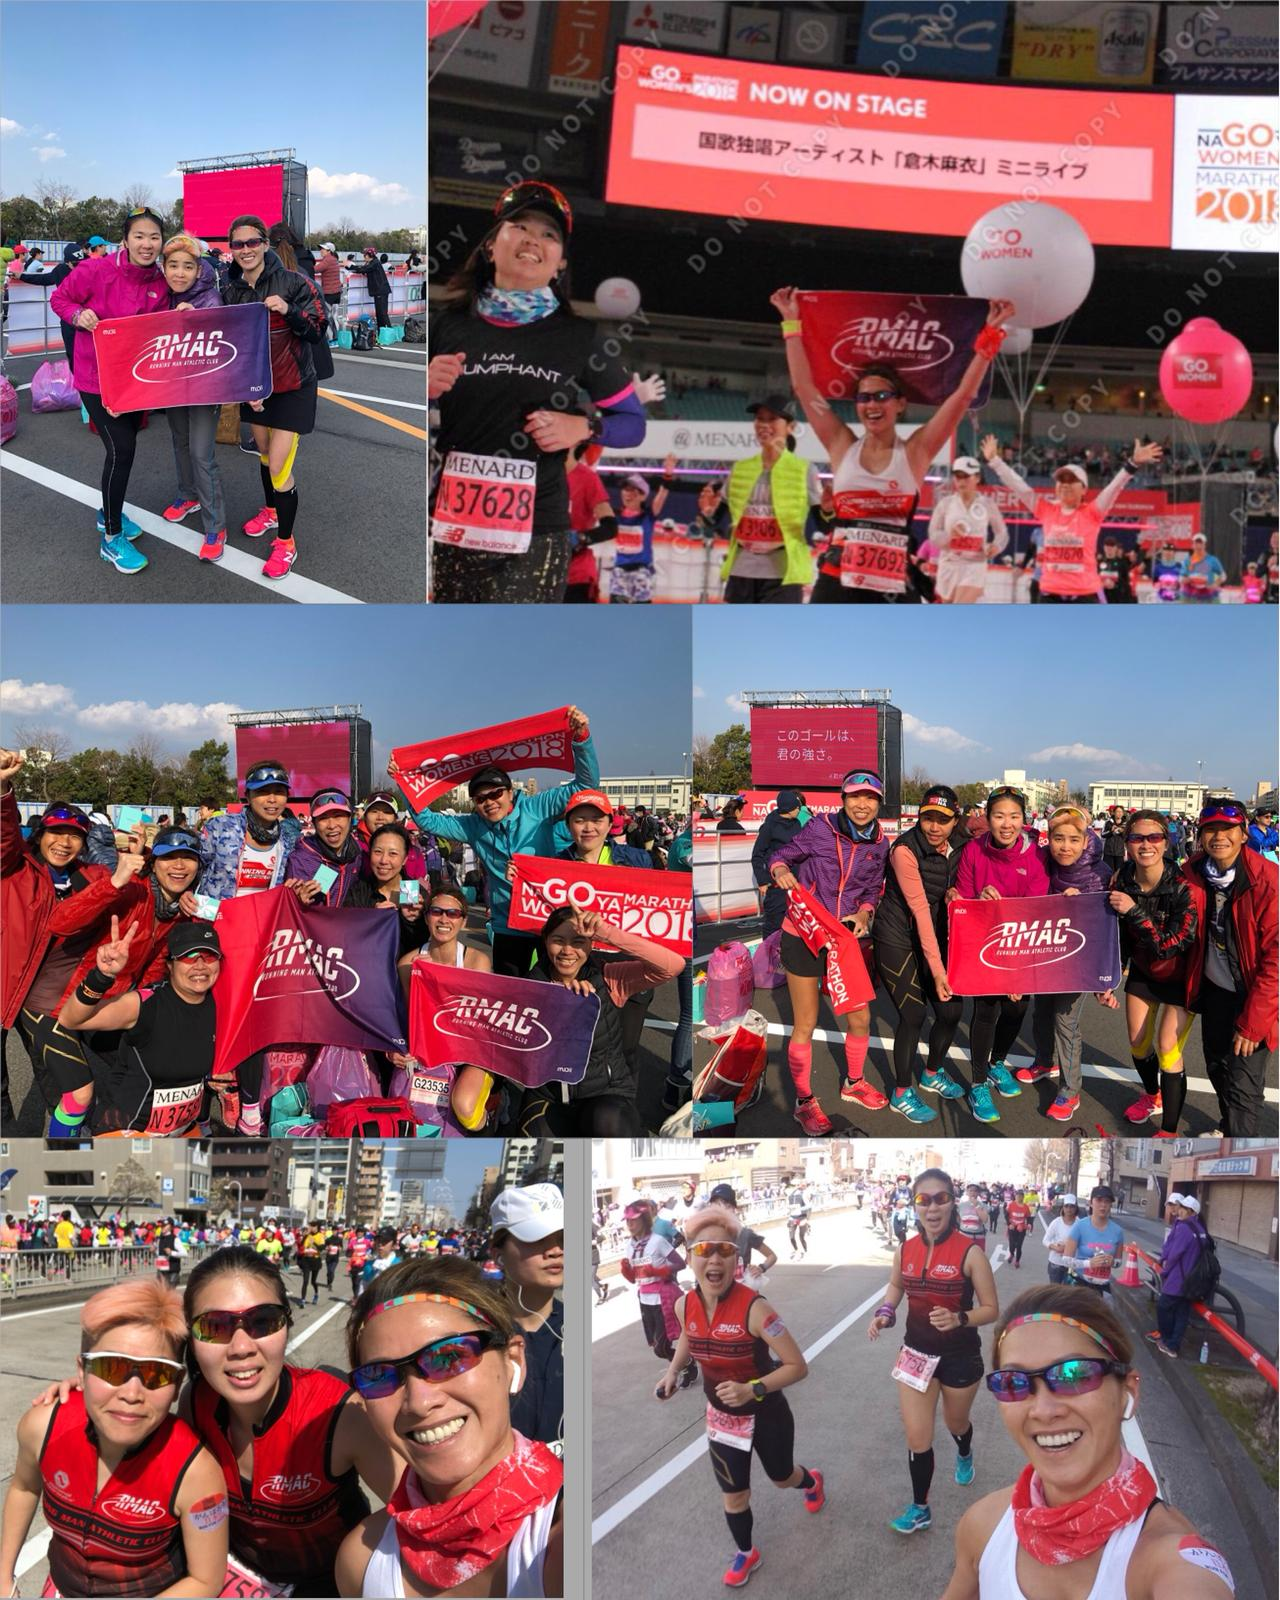 名古屋女子馬拉松2018 - 多位同學如Abby, Anita, Monica, Joyce, Hay媽, Fanny, Yanch等到名古屋參與一年一度的女子馬拉松,能夠完成全馬及在禮服型男手上接過紀念品實在令人興奮!